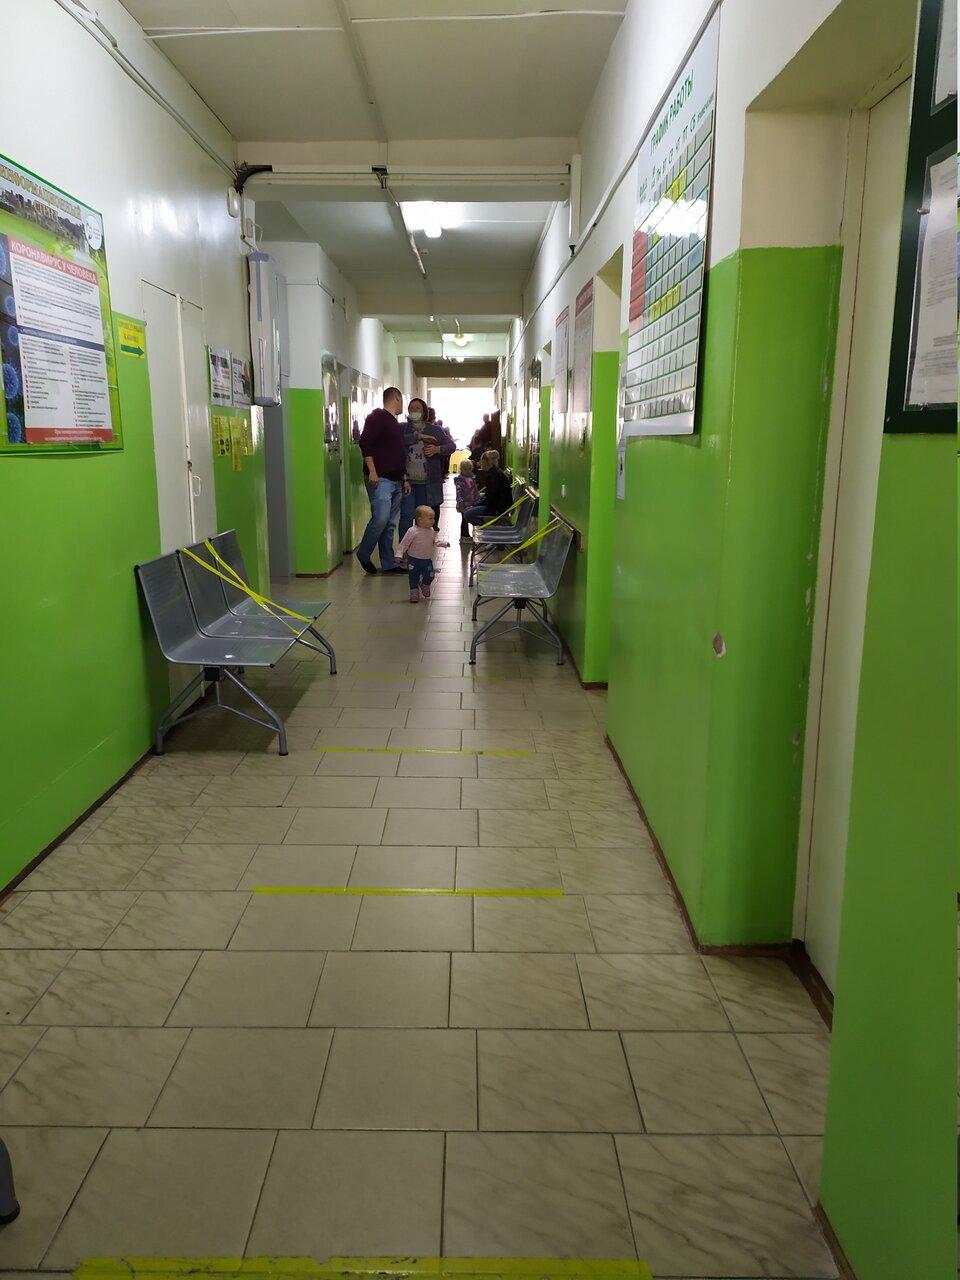 Старый оскол центр психиатрии и наркологии алкоголизм похмелье